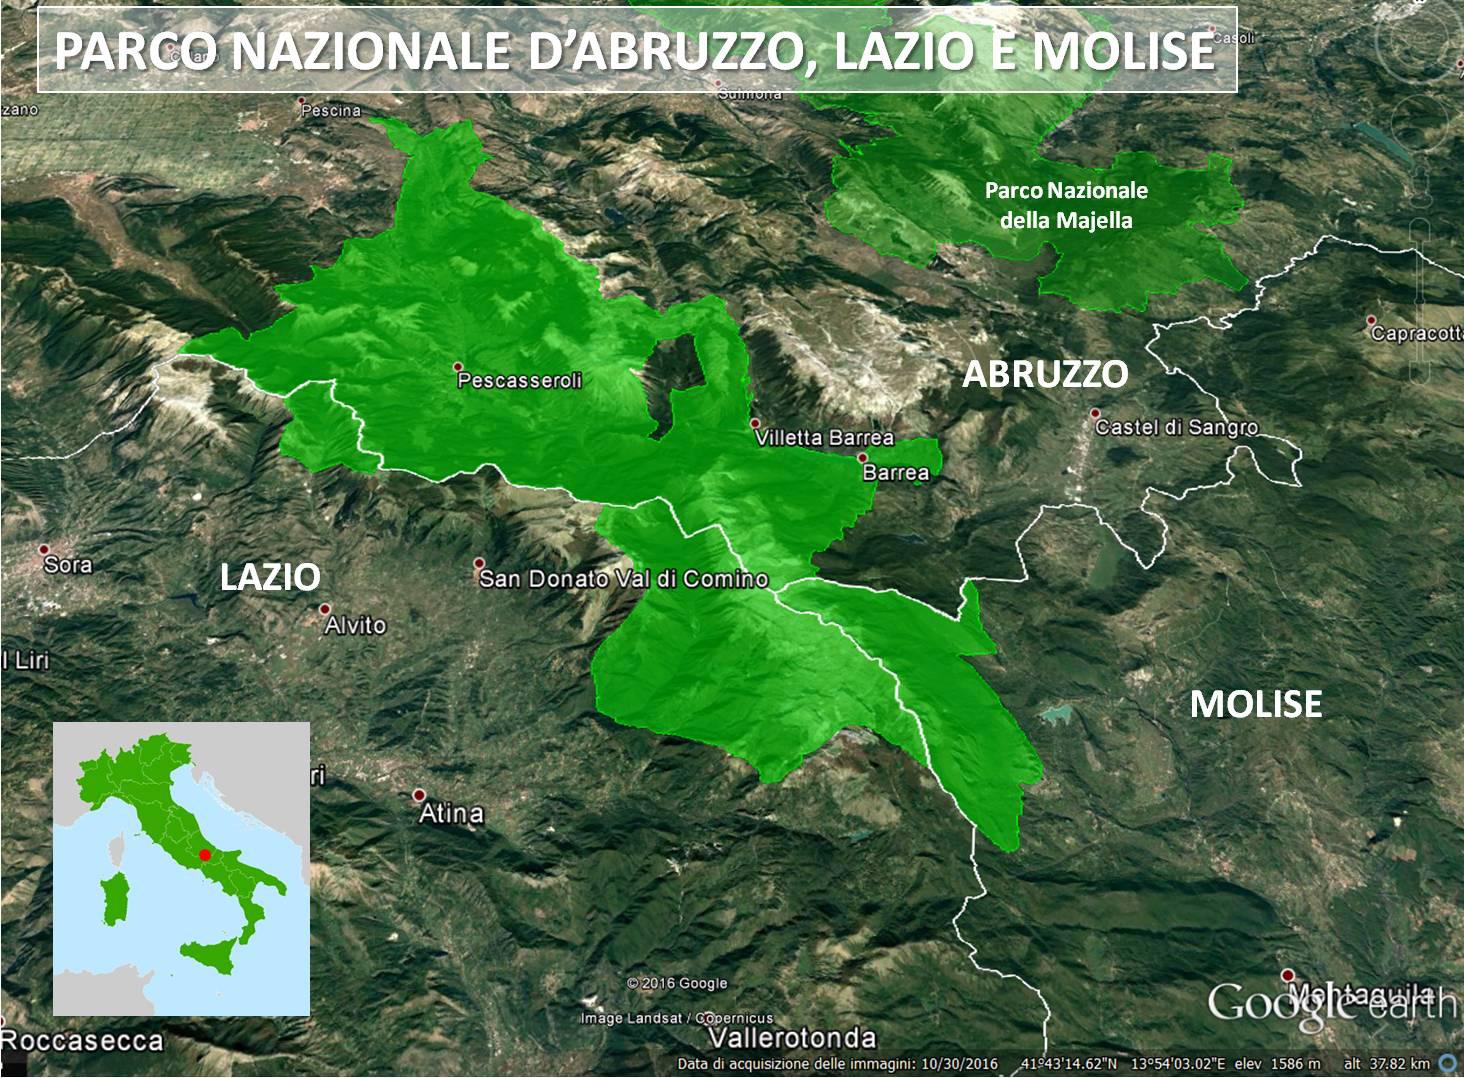 Cartina Abruzzo E Lazio.Parco Nazionale D Abruzzo Lazio E Molise Italiano